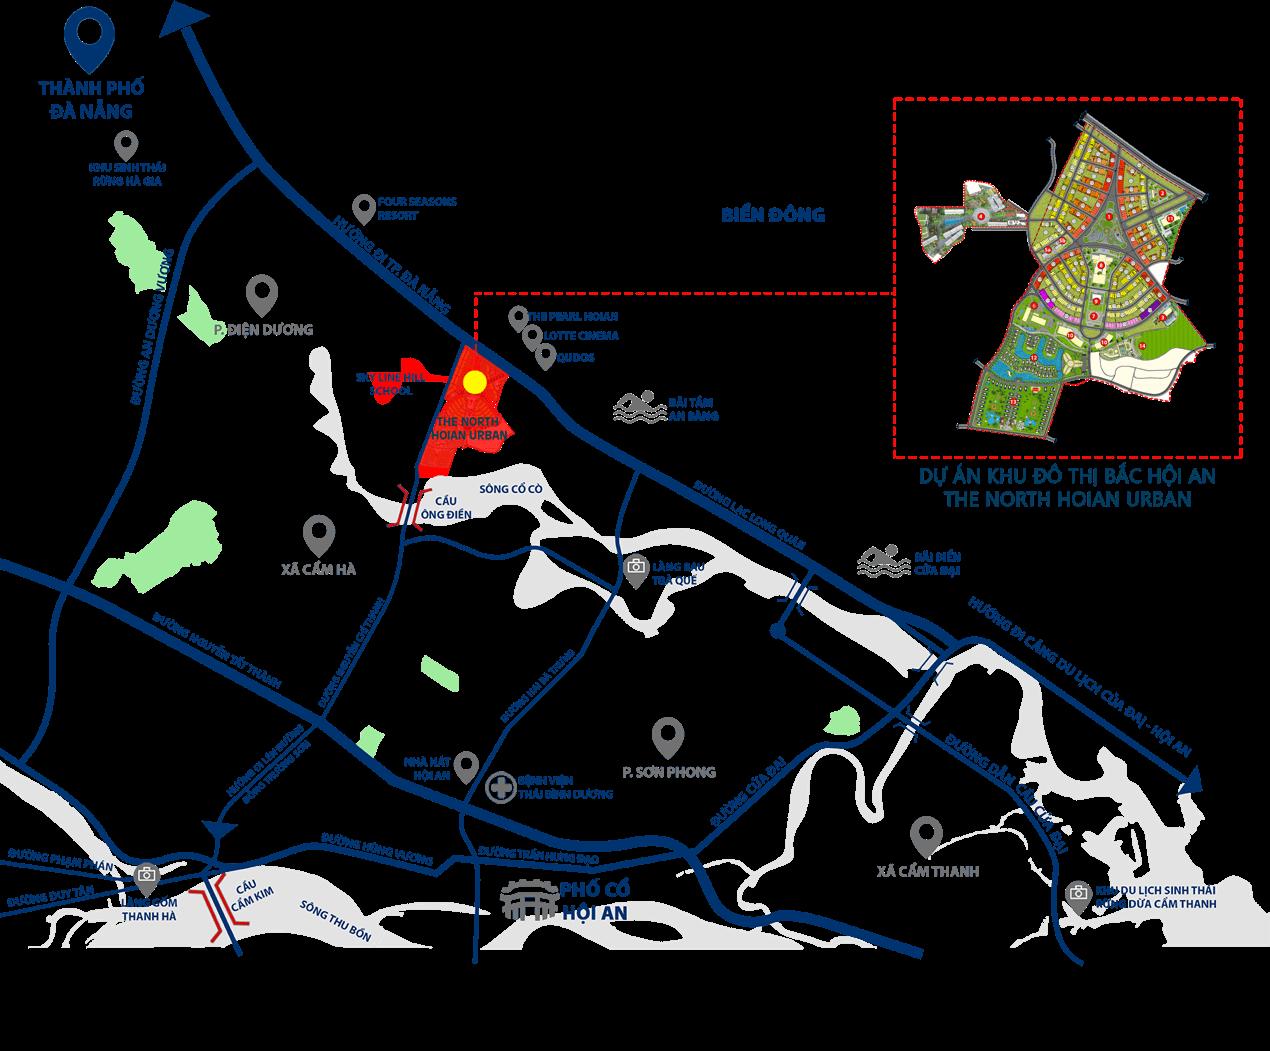 Vị trí dự án Khu đô thị Bắc Hội An - The North Hoi An Urban